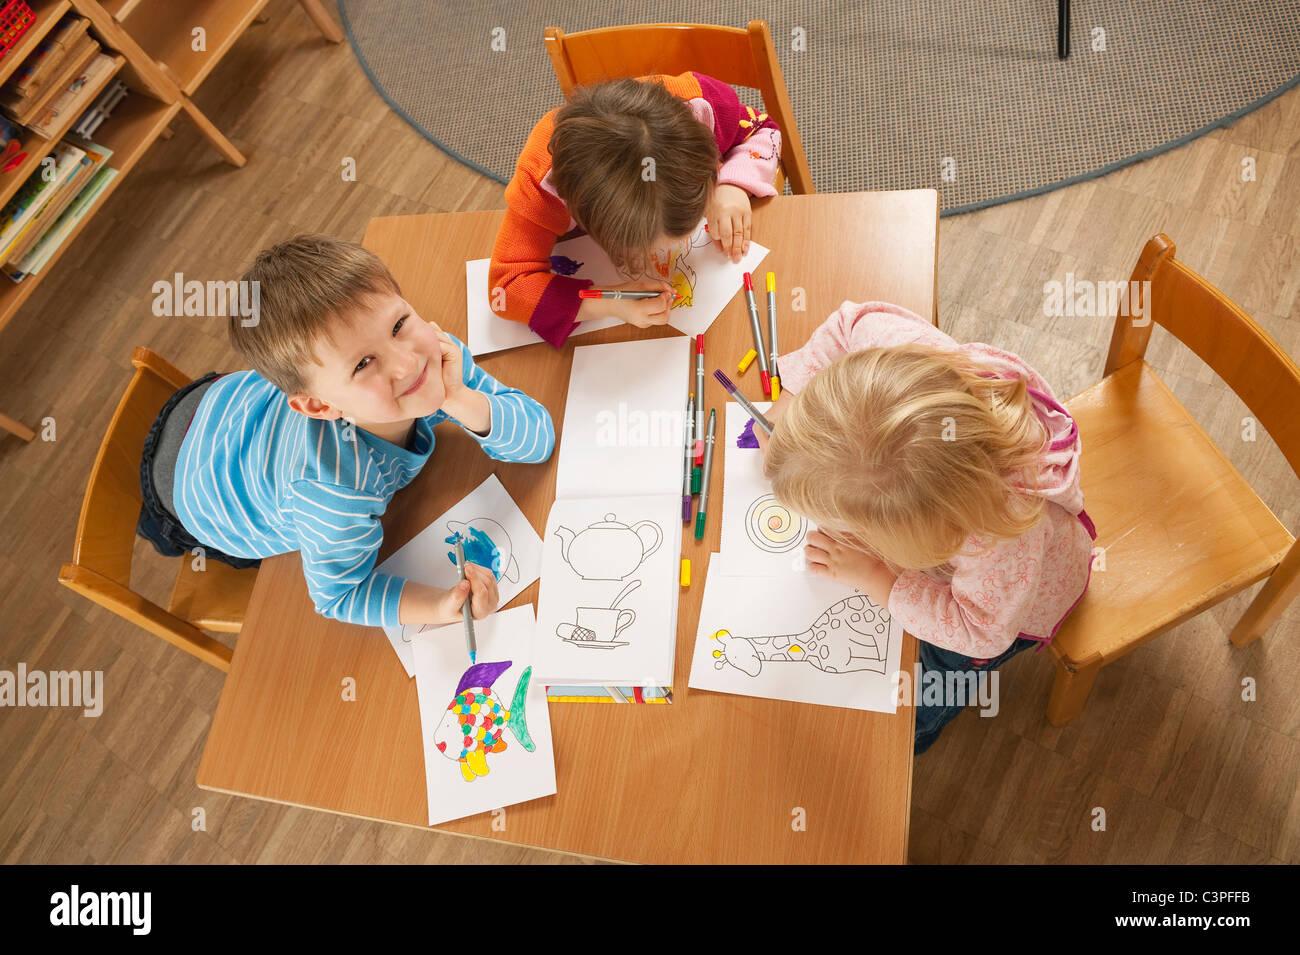 Germania i bambini negli asili seduta a tavola disegno foto, vista in elevazione Immagini Stock